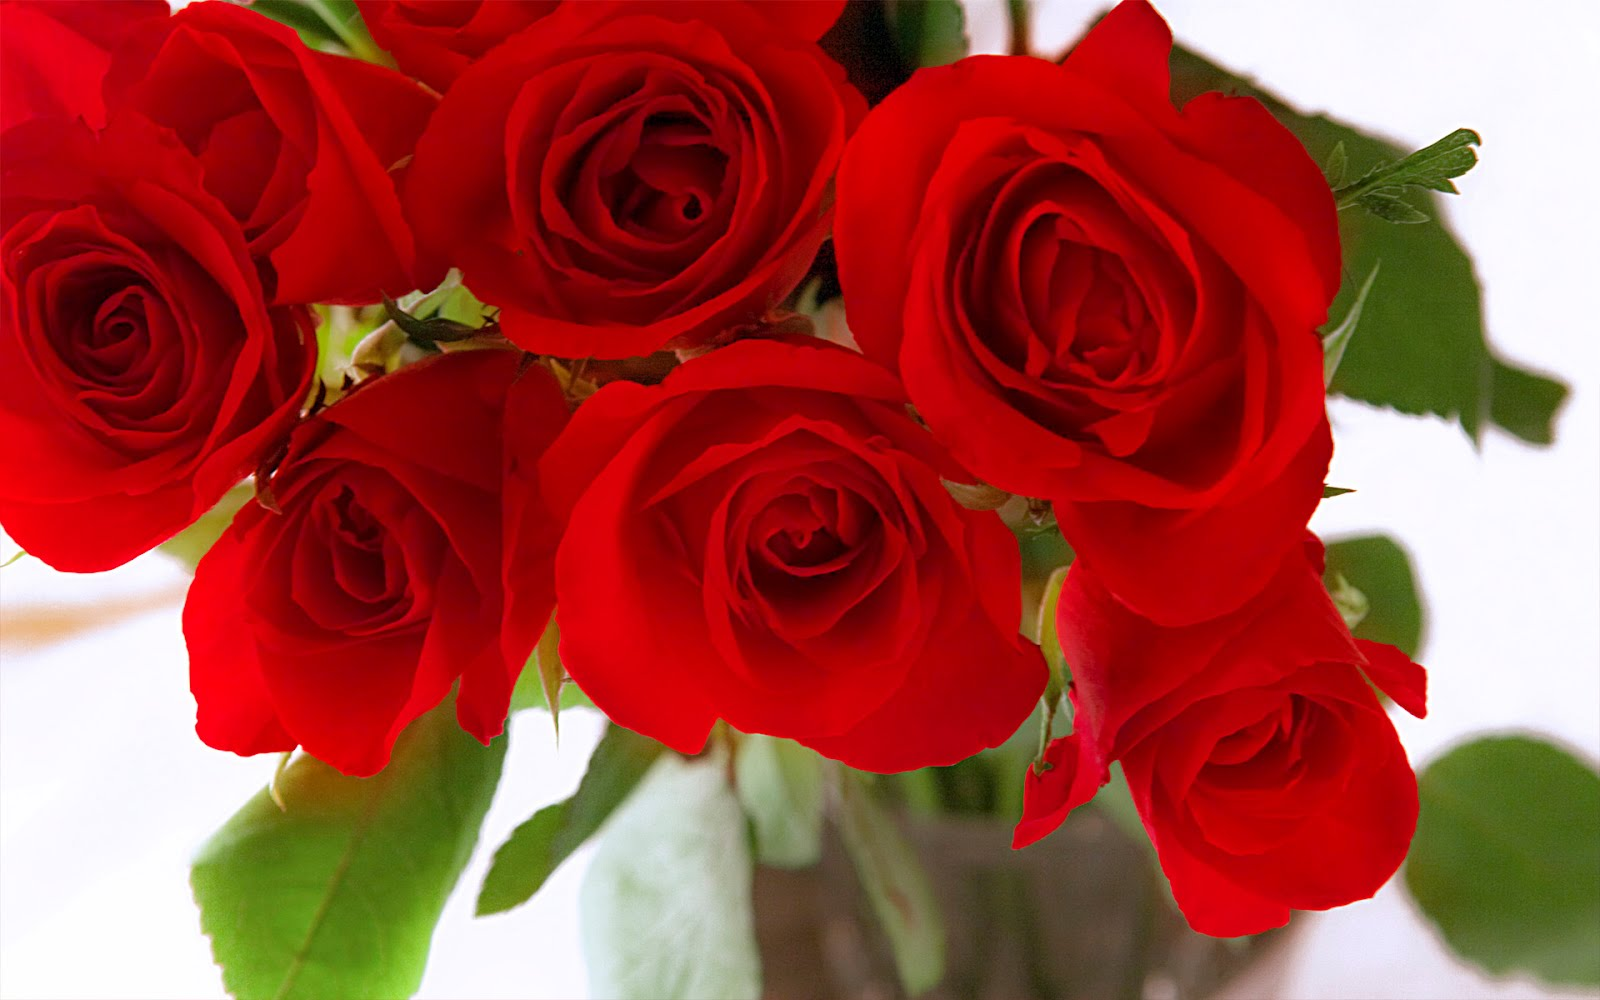 http://2.bp.blogspot.com/-TthuYhkbLfQ/T0dhWrqwzzI/AAAAAAAAC_A/hOkS2PQWvXY/s1600/hq-lovely-roses-wallpaper+bouquet.jpg